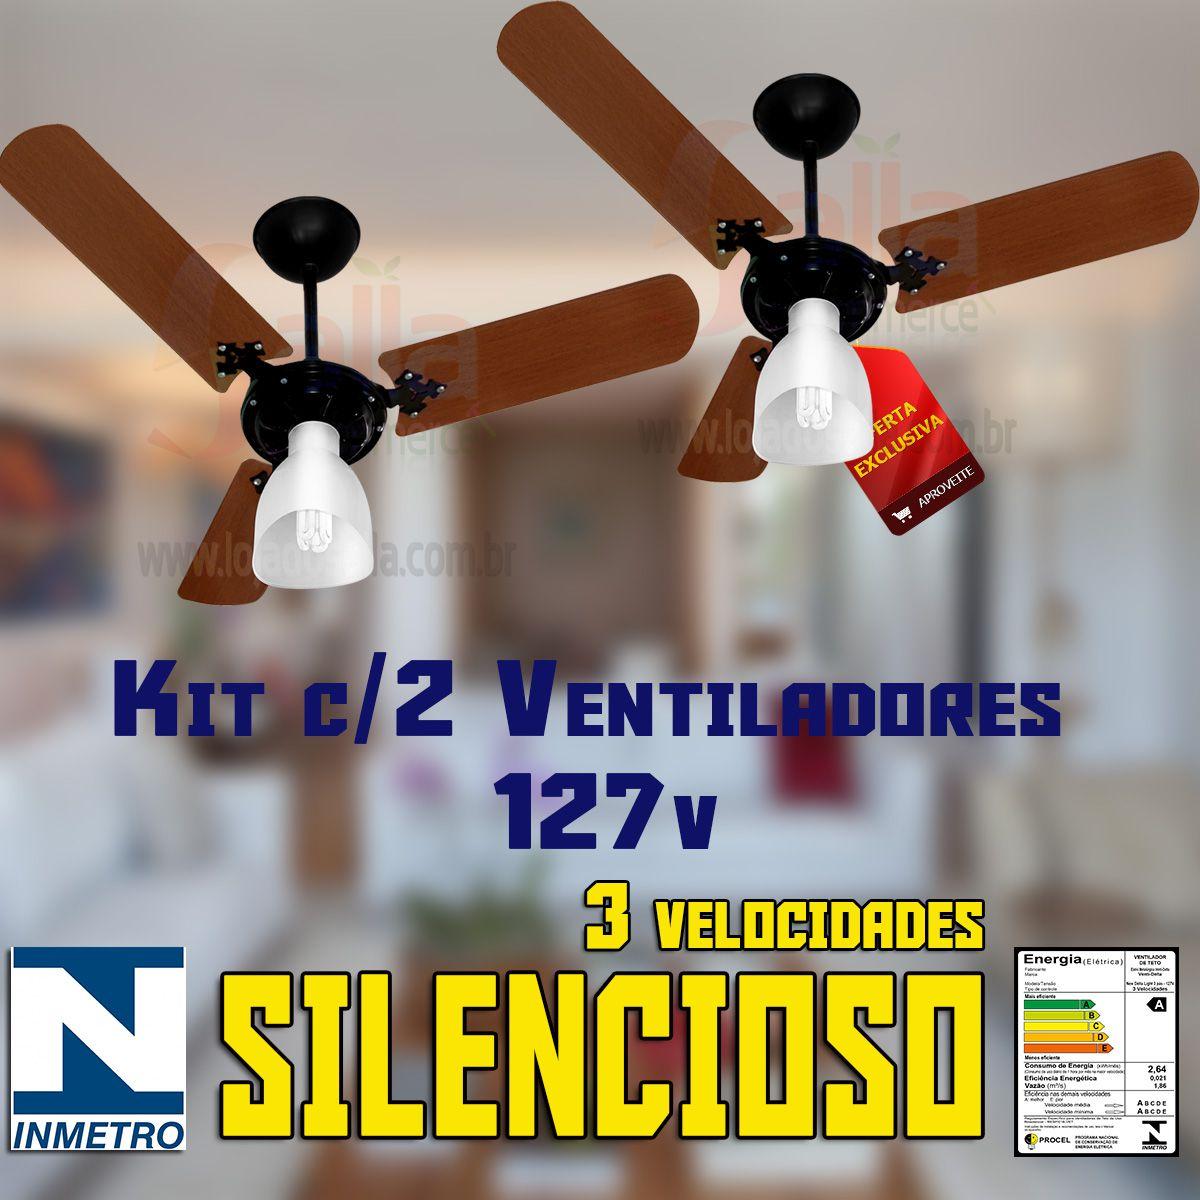 Kit c/2 Ventiladores De Teto New Delta Light Preto com Pás Marrom 127v com 3 Velocidades Silencioso